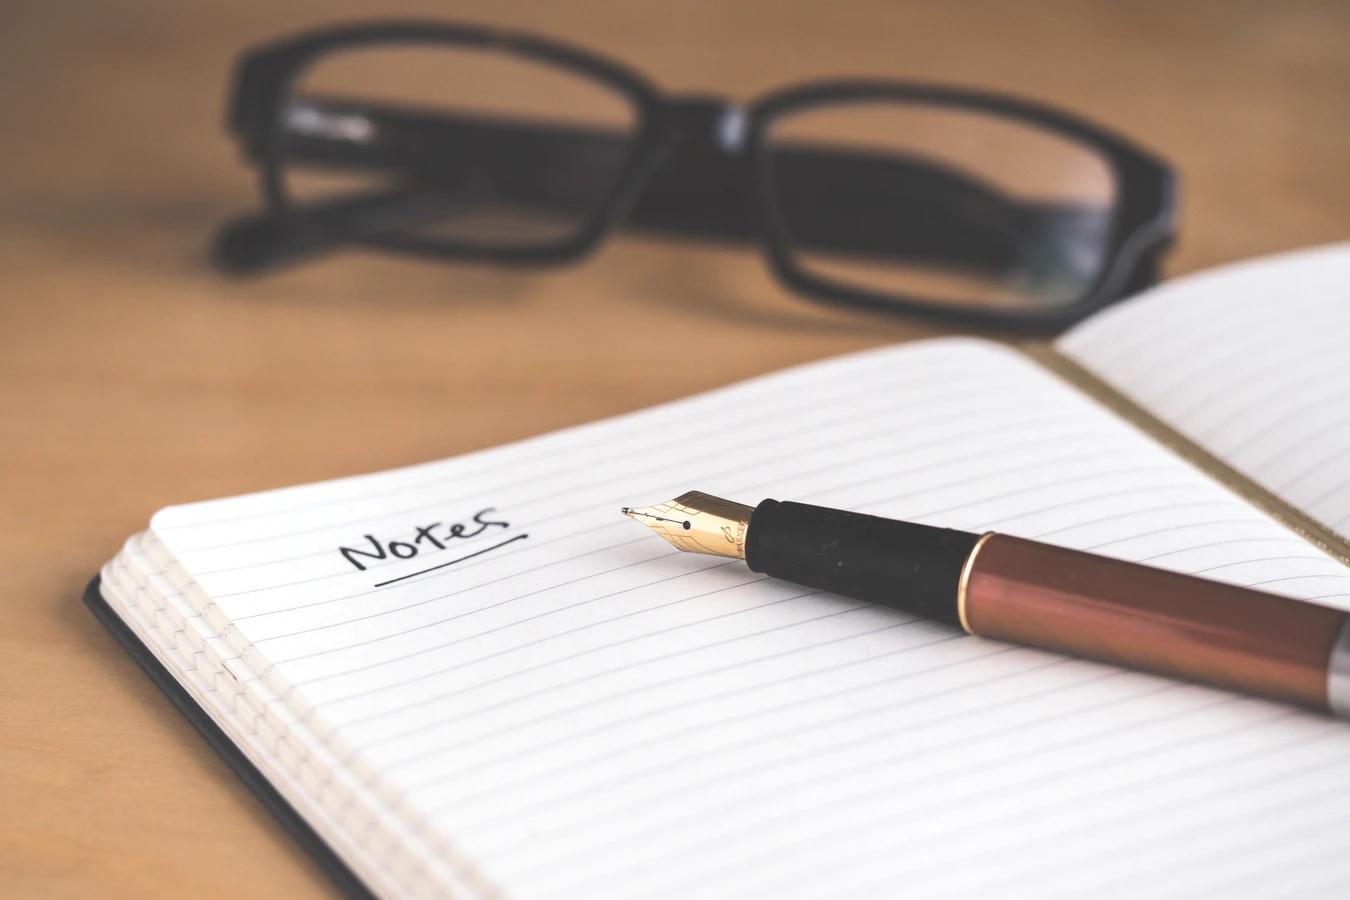 Tempat Menuangkan Ide Menarik Hingga Kini: Buku Agenda